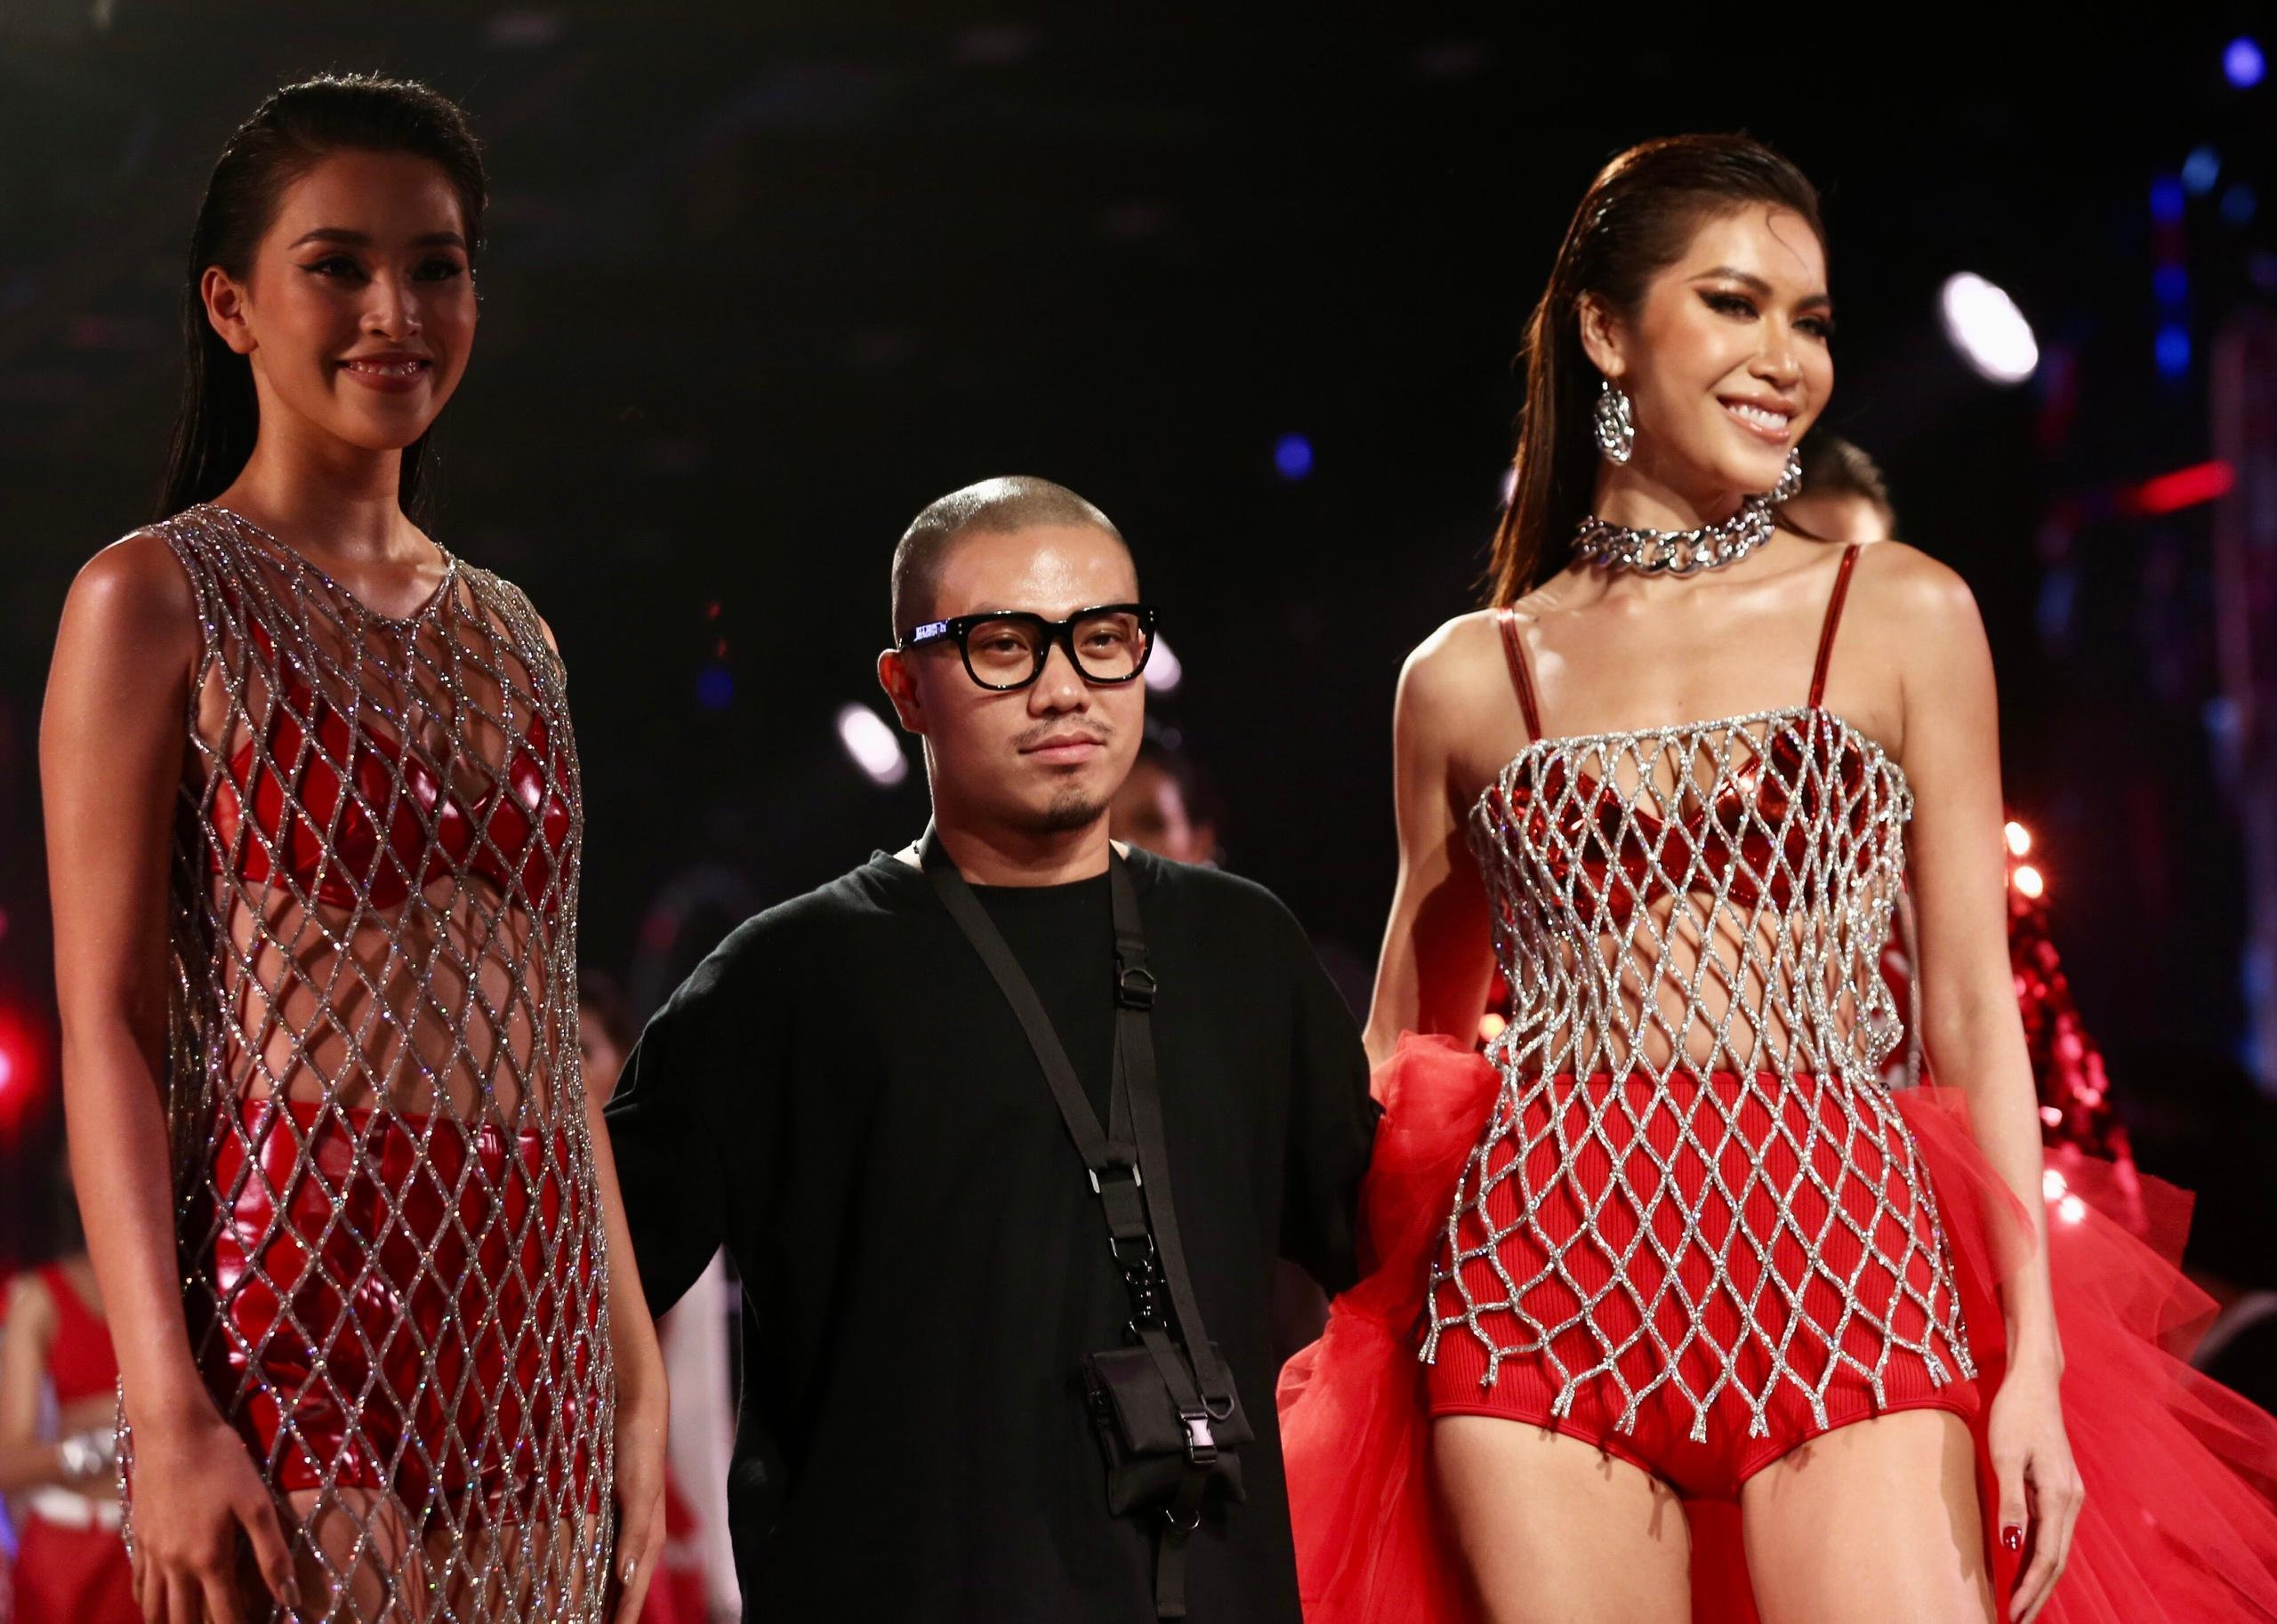 Hoa hậu Tiểu Vy mặc áo lưới gợi cảm trong show thời trang Ảnh 1